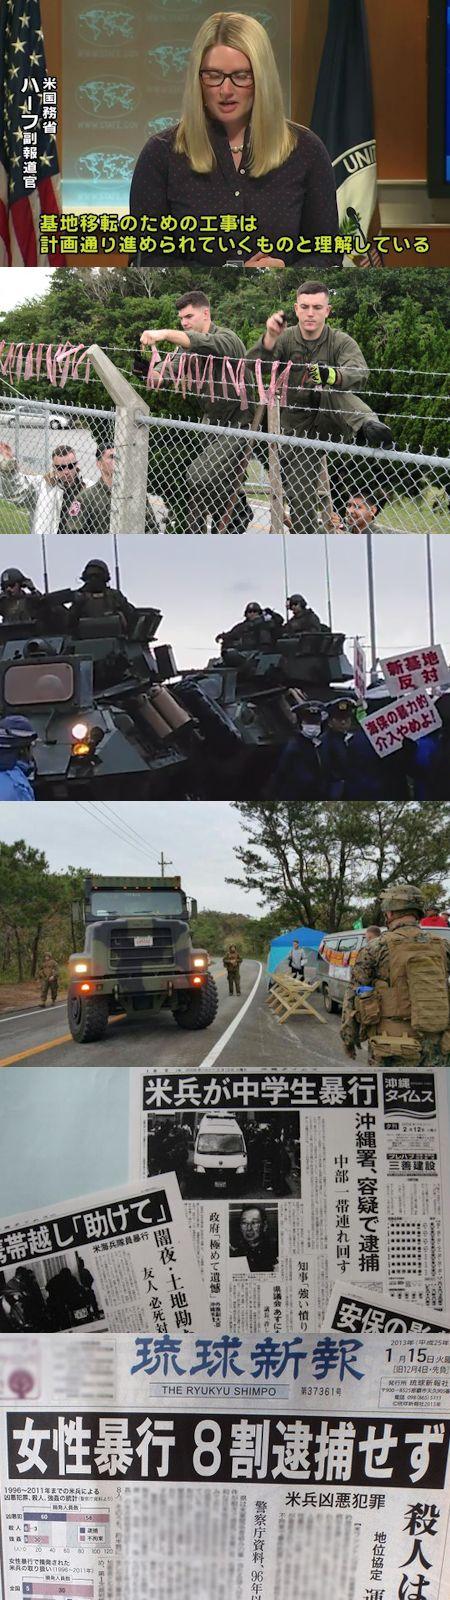 日本の左翼リベラルの米国認識の錯覚と幻想 - 米国の国益と本性_c0315619_16101045.jpg